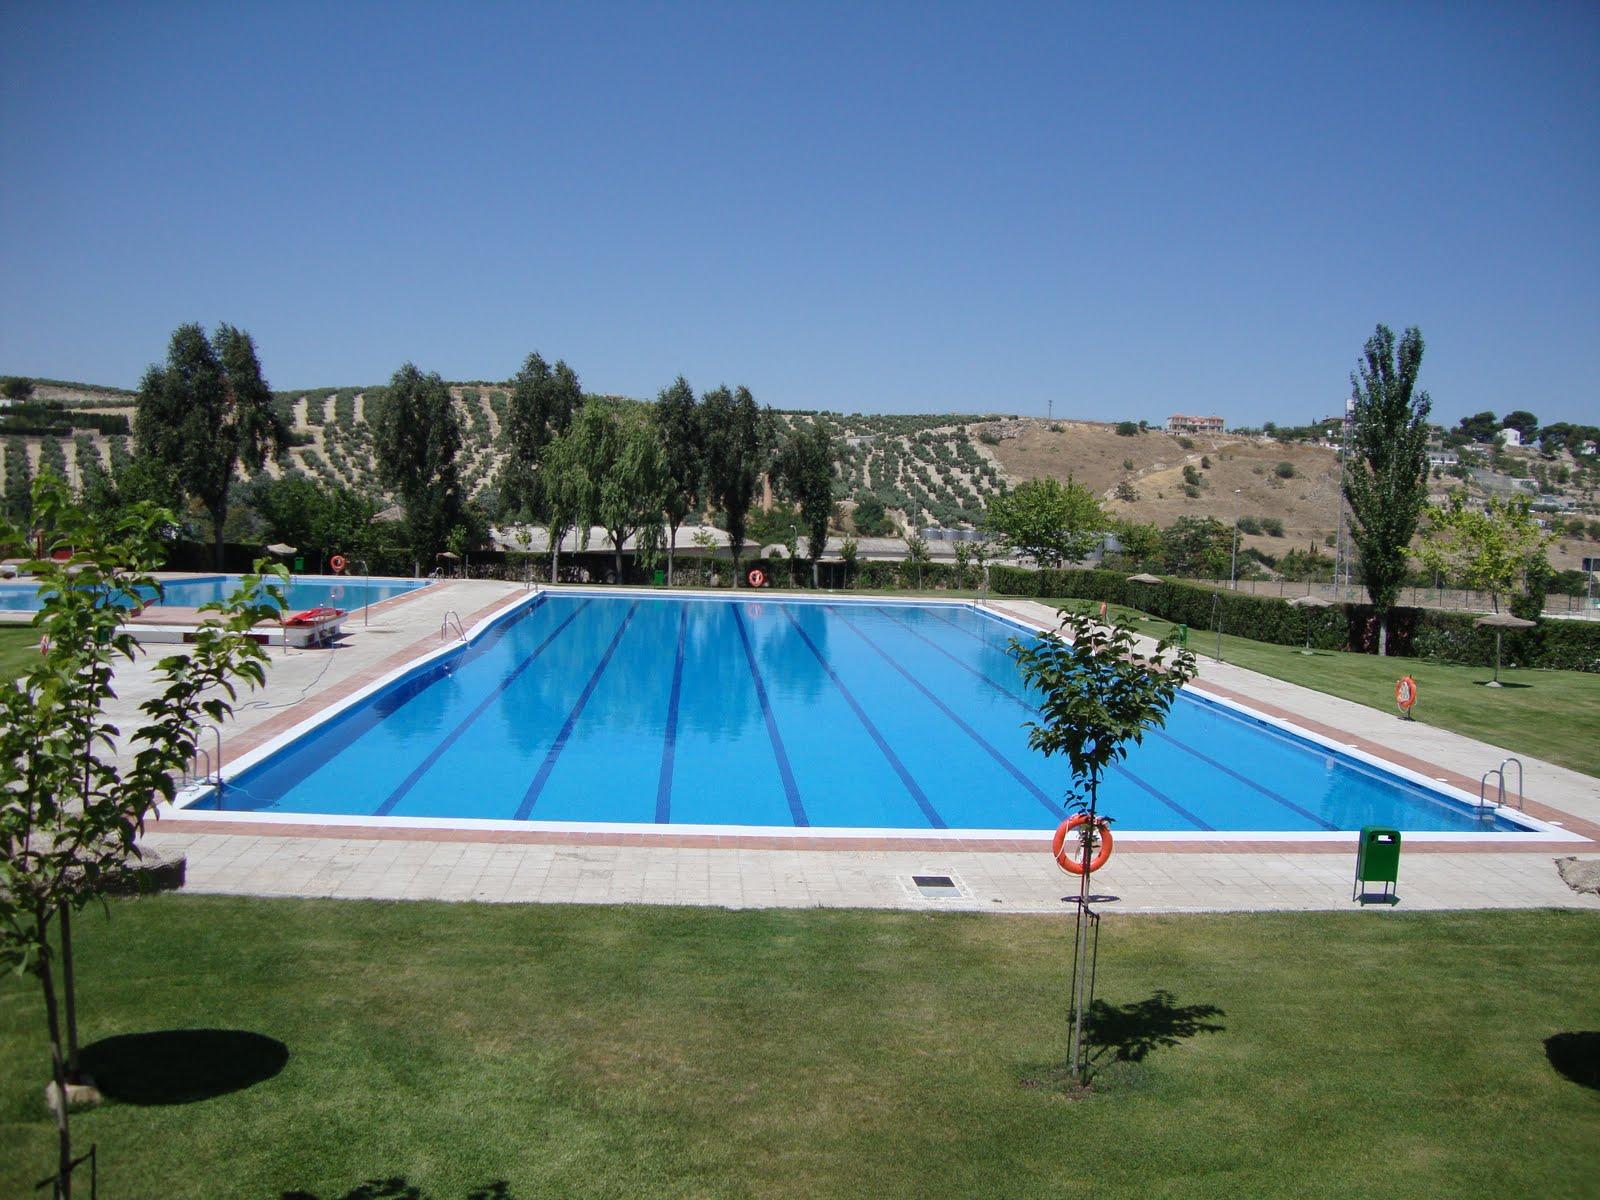 El rinc n tosiriano la piscina municipal vuelve a for Piscina municipal el vendrell